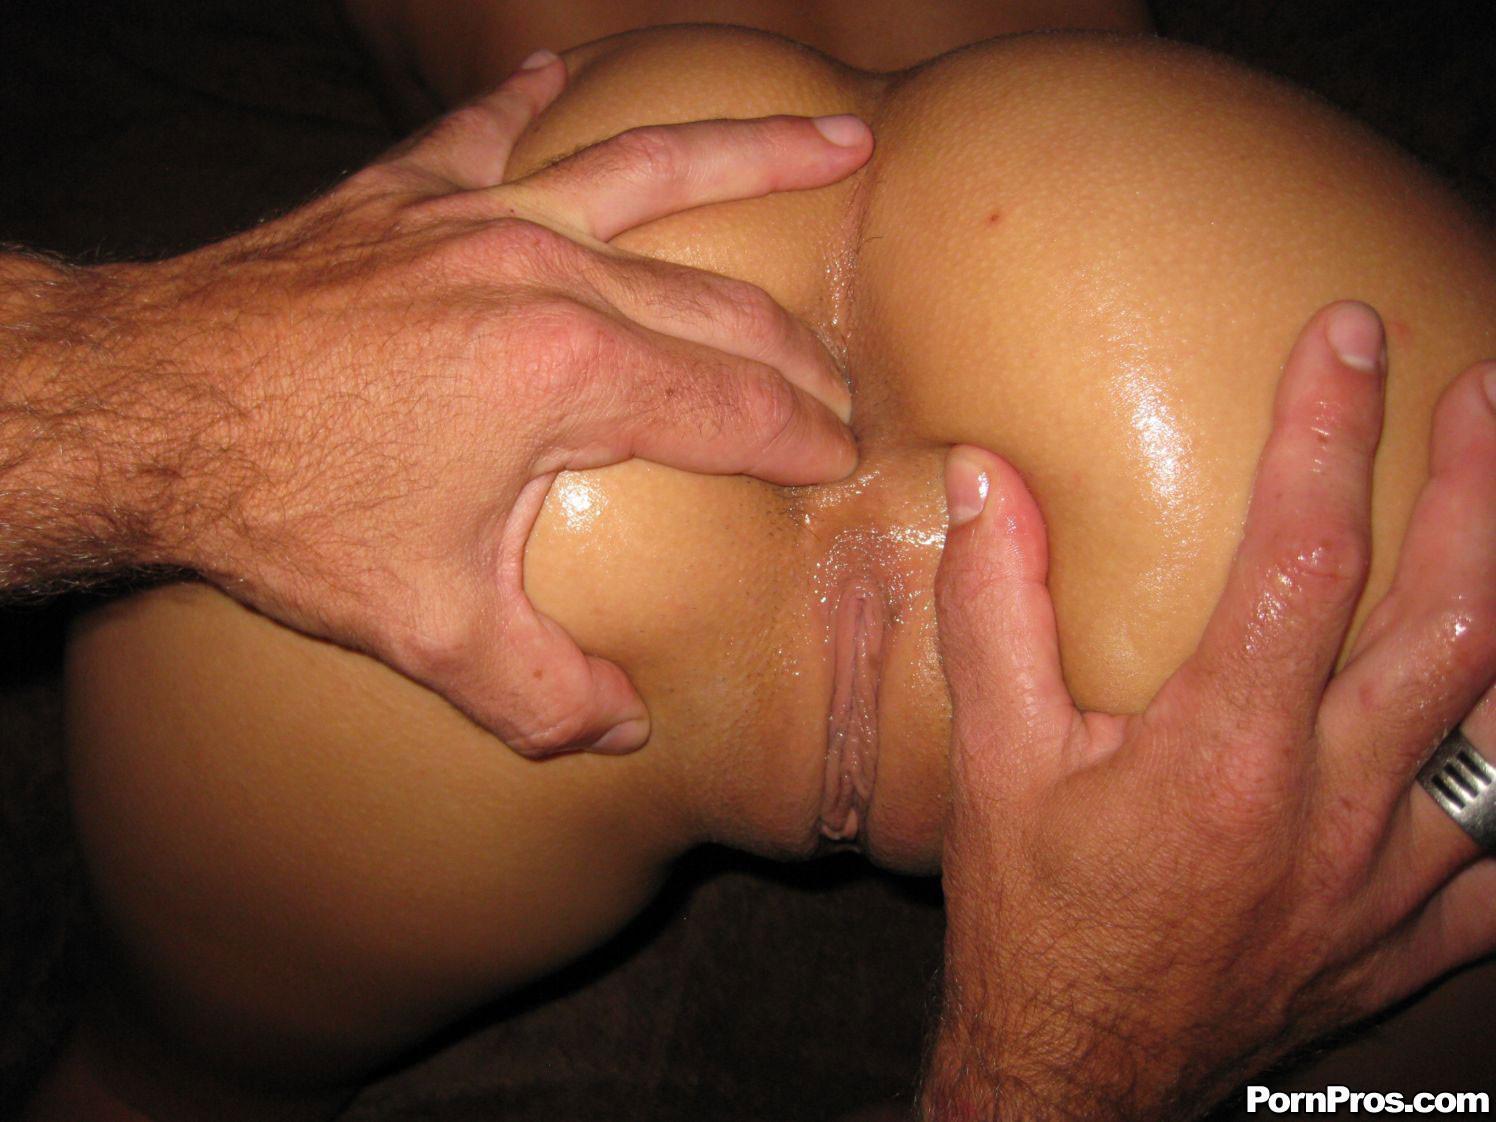 Сует мужику палец в жопу, Дрочит рукой мужу и сует палец в попу - лучшее порно 4 фотография